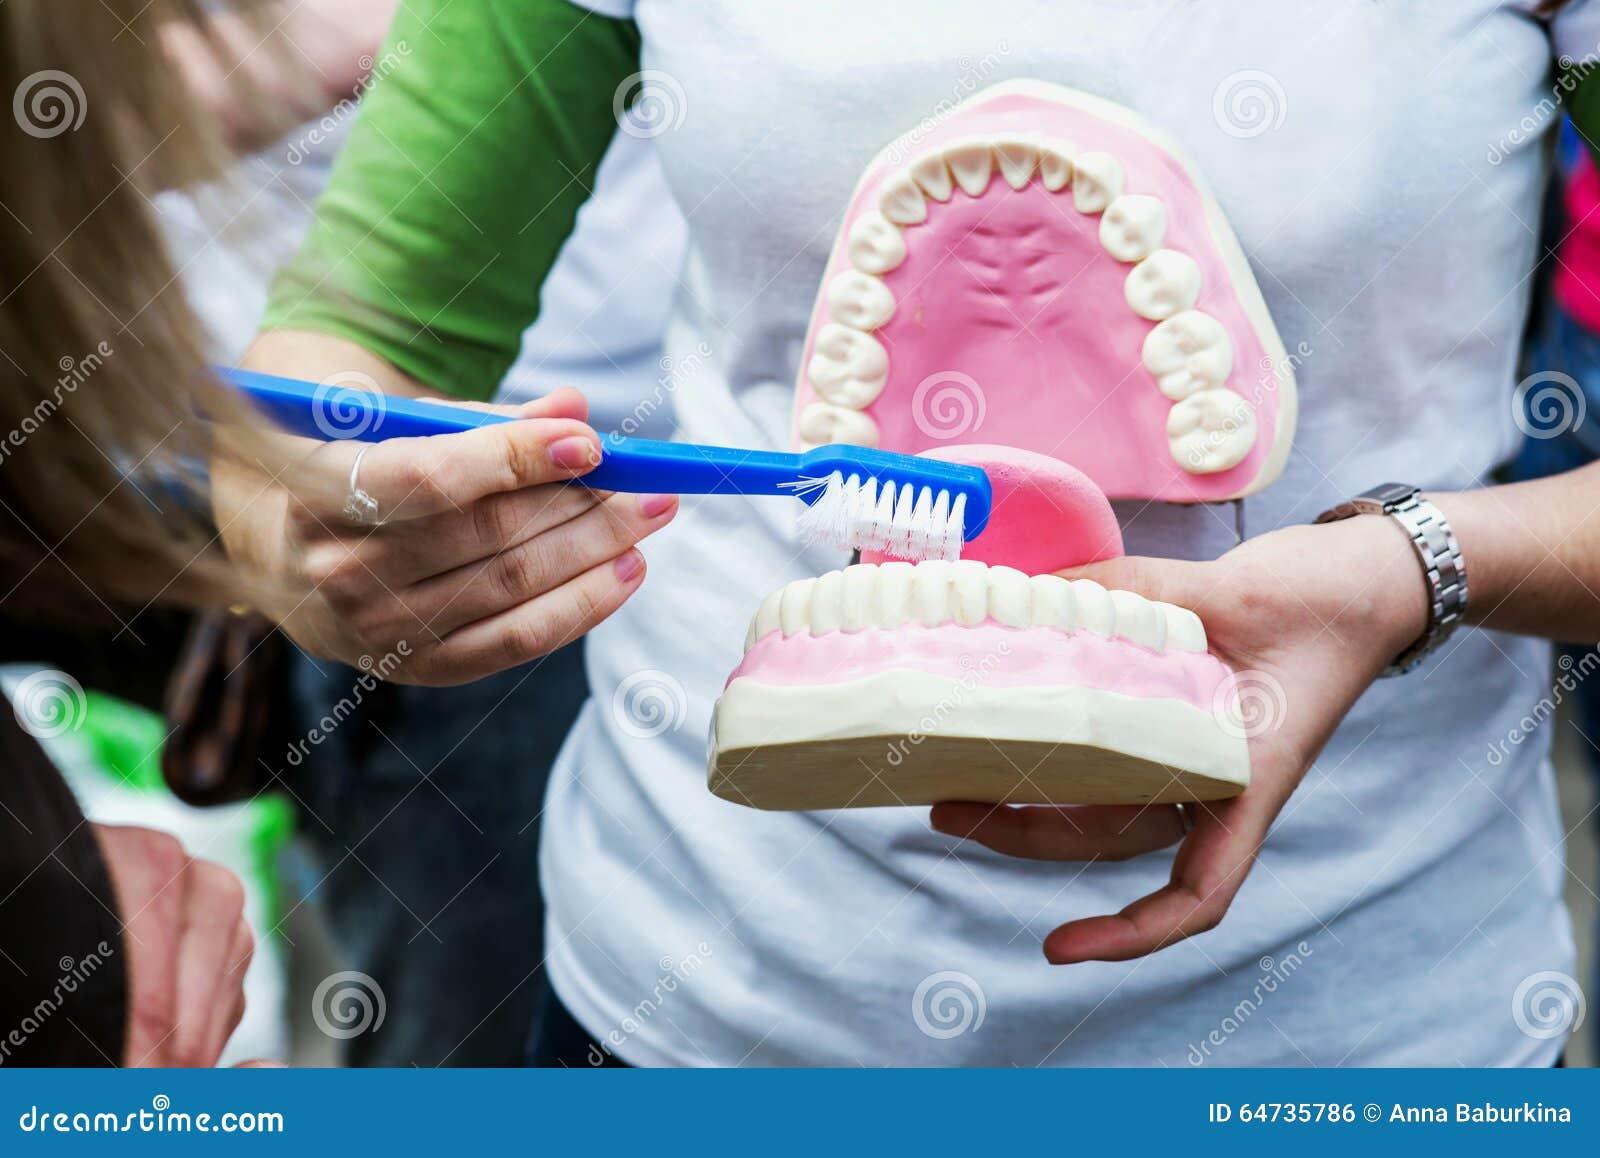 Rappresentazione della donna come pulire correttamente i denti con lo spazzolino da denti e radrizzare